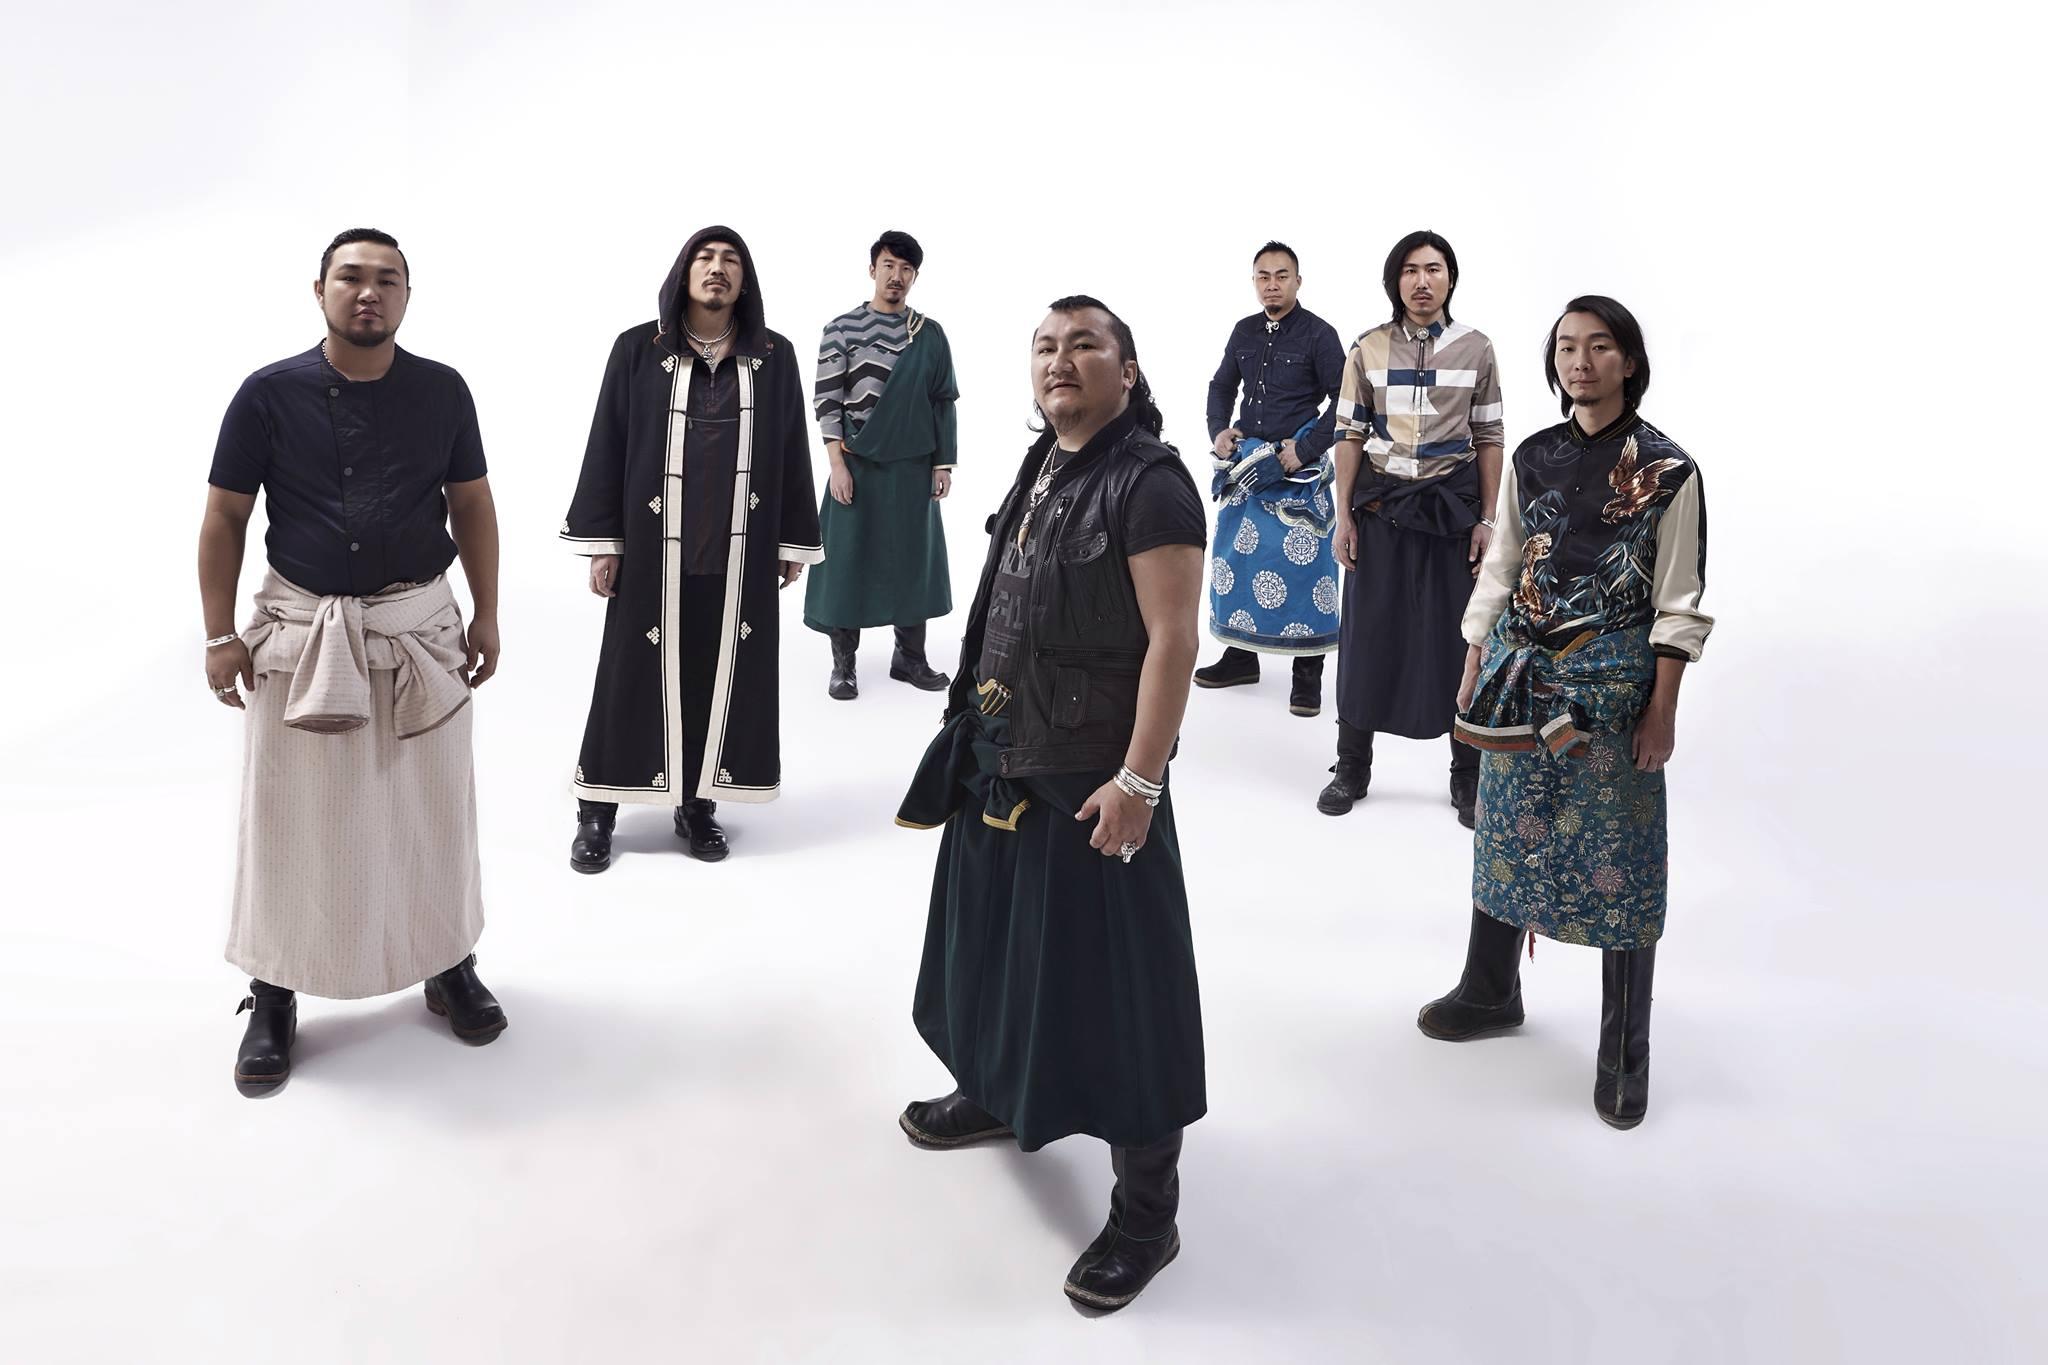 L to R: Ailun (Allen) - Yilalata (Ileta/Sheng Li) - Meng Da - Hurizha (Hurcha) - Niu Xin - Batubagen (Bagen) - Yiliqi (Ilchi).